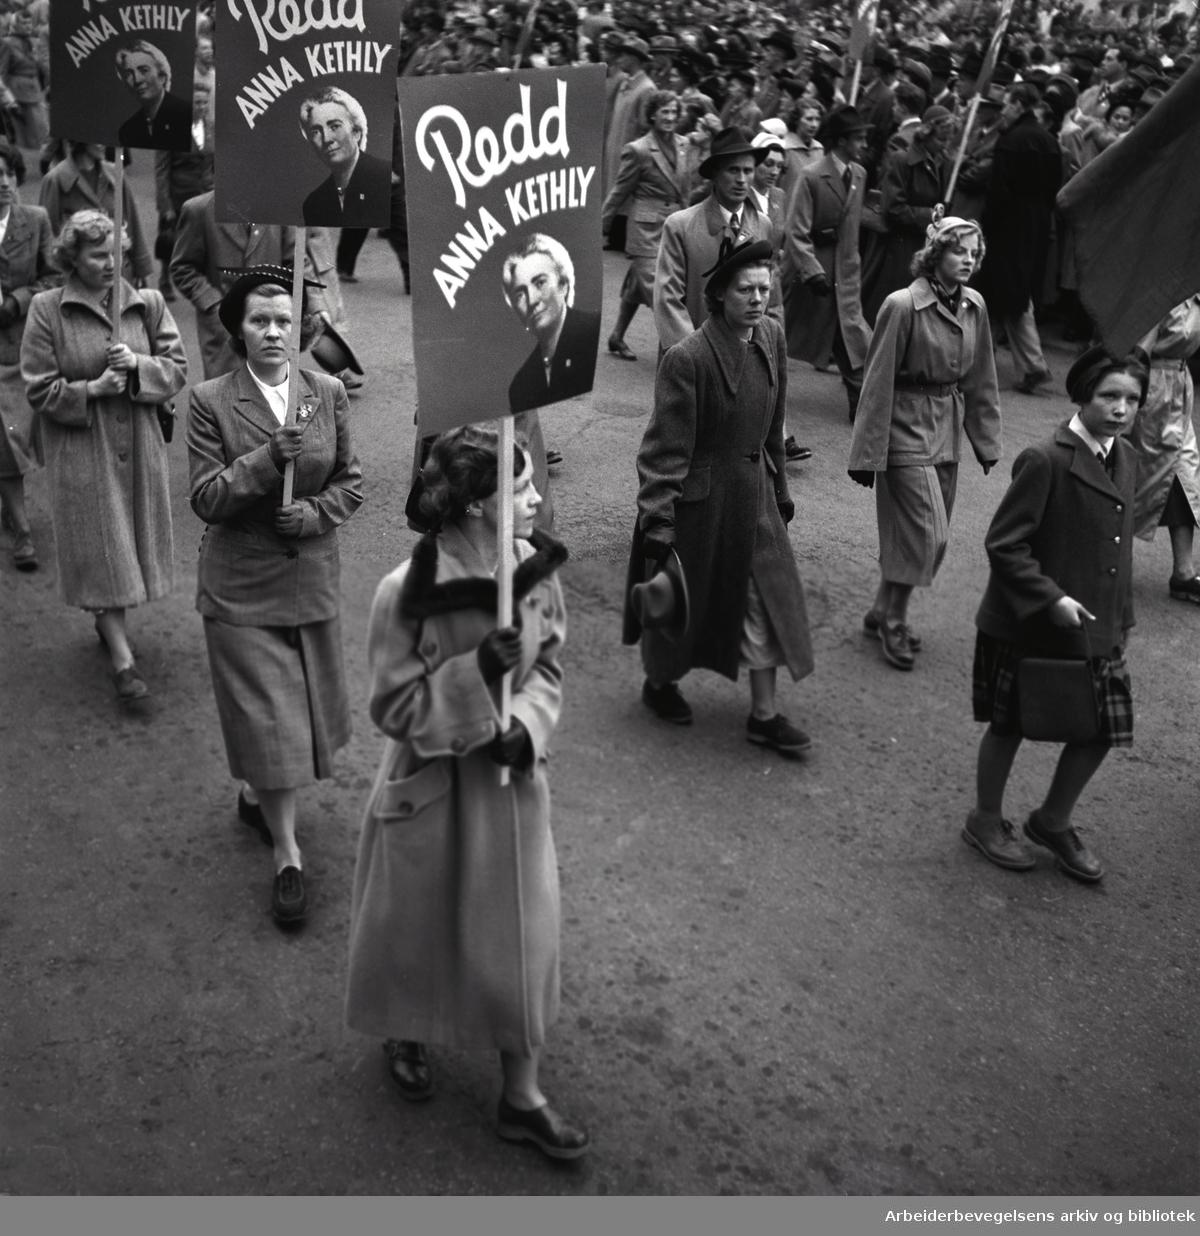 1. mai 1951, demonstrasjonstoget. Parole: Redd Anna Kethly.